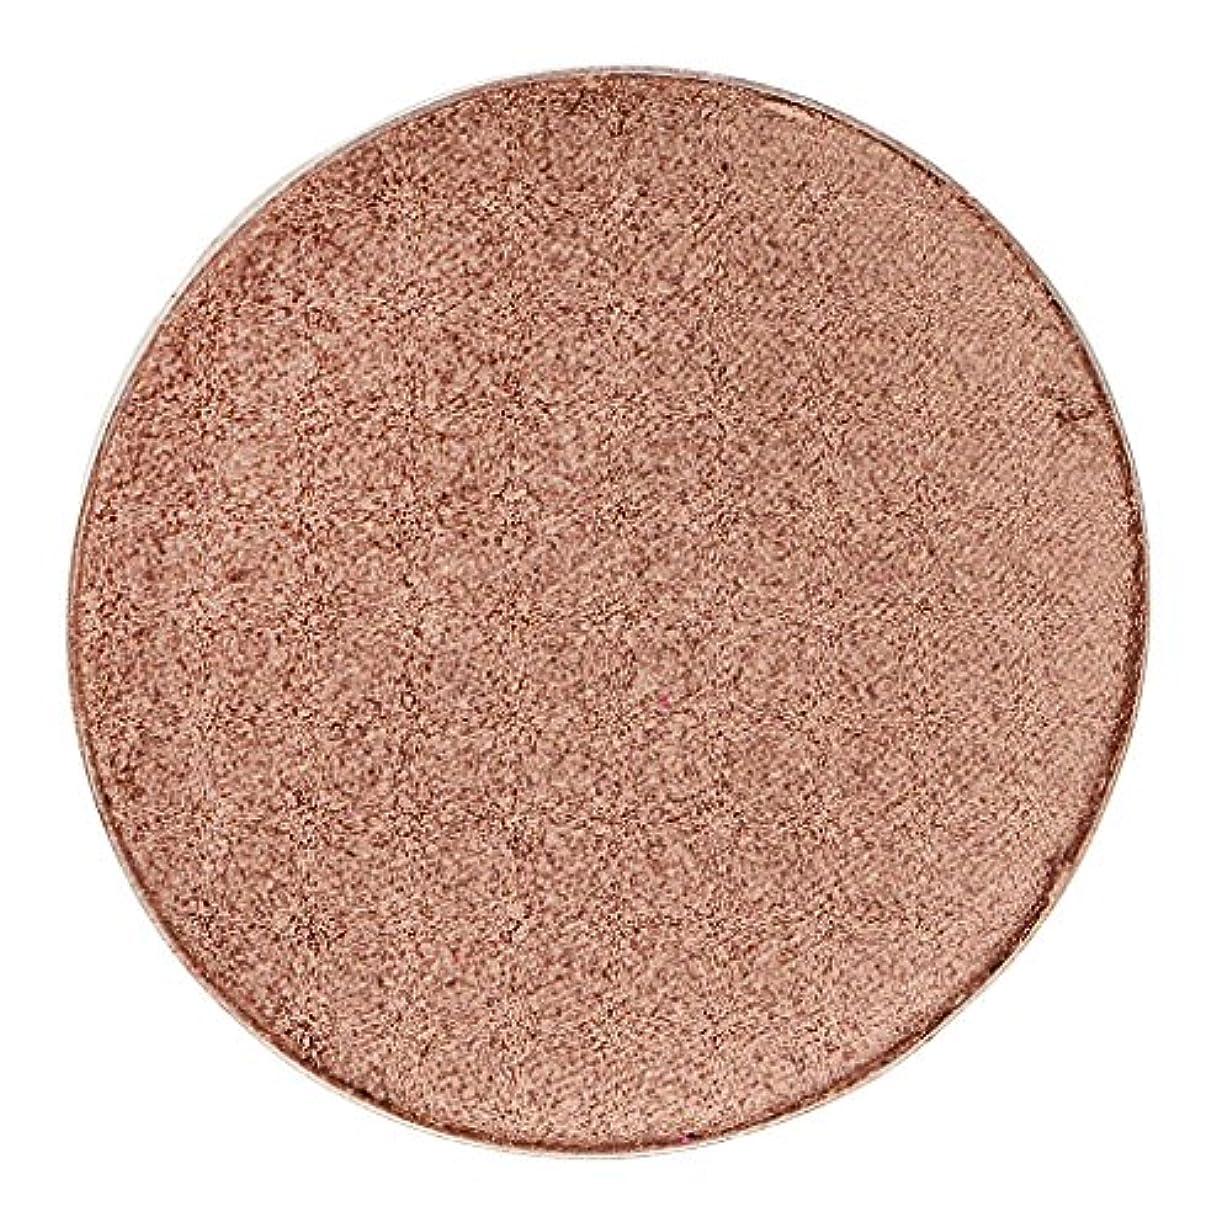 おなかがすいたガイドライン反動美容キラキラアイシャドウパレット化粧品アイシャドウメイク5色 - #39ブラウン